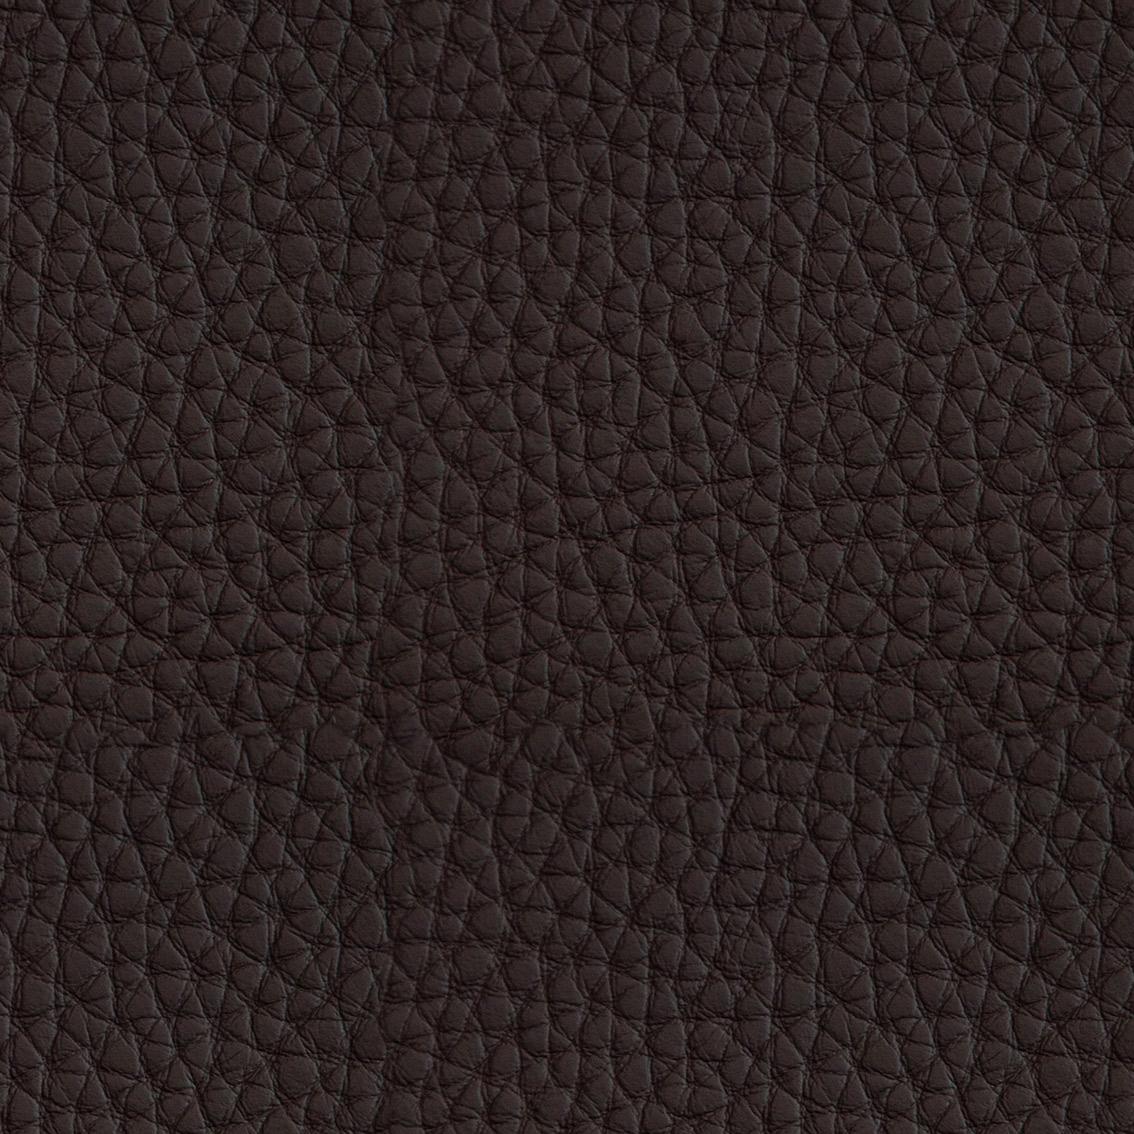 Коллекция ткани Aurora 289 Chocolate Tort,  купить ткань Кож зам для мебели Украина